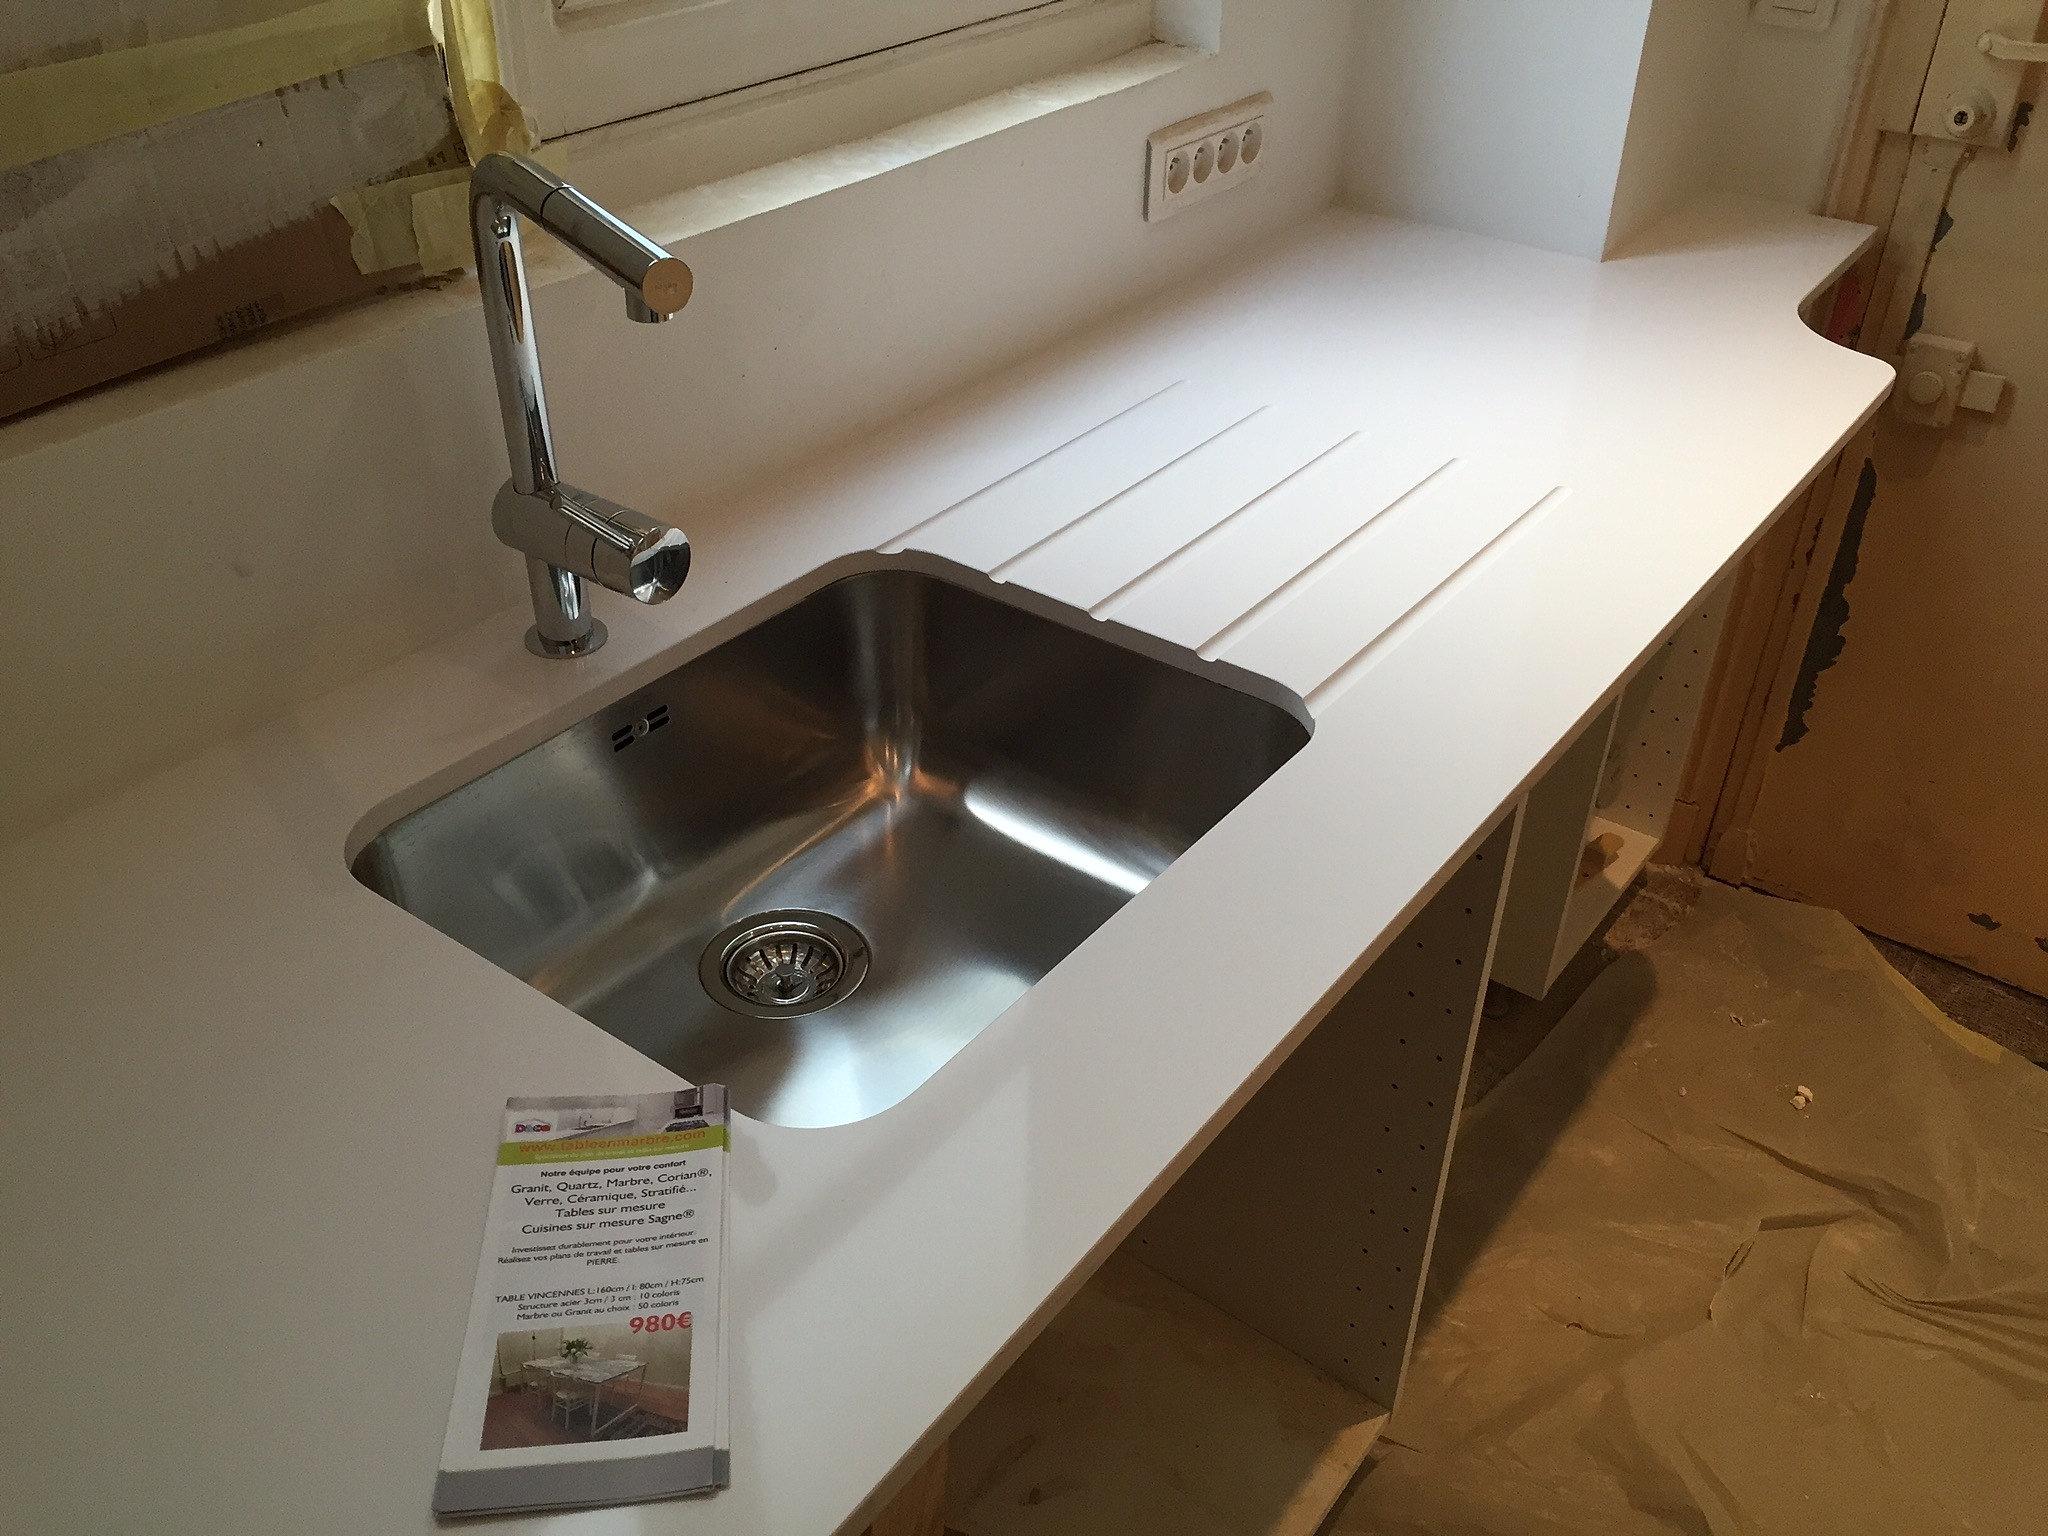 devis plan de travail com paris granit quartz marbre plans de travail cuisine quartz. Black Bedroom Furniture Sets. Home Design Ideas